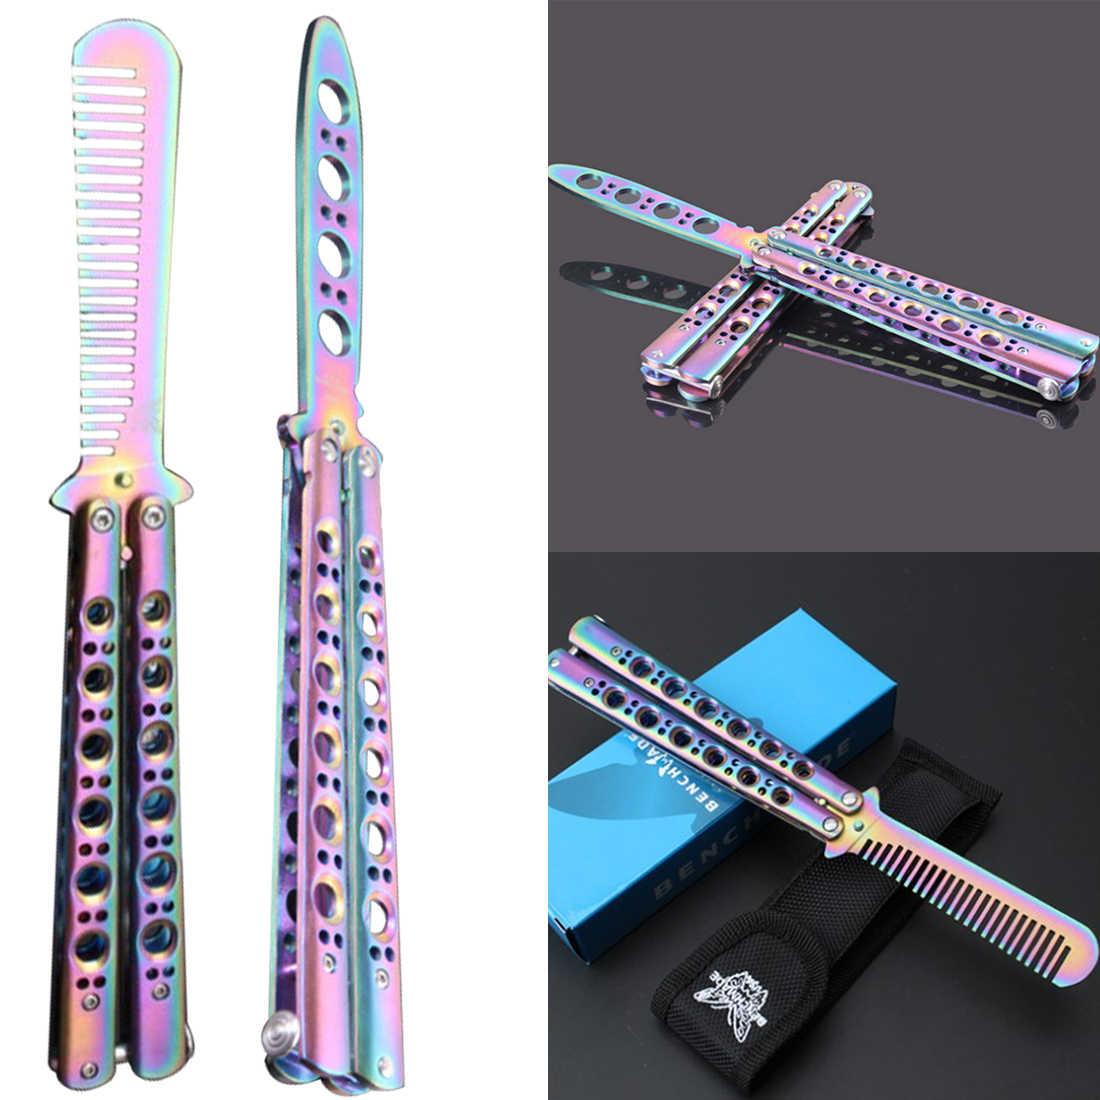 Тренировочный титановый нож из нержавеющей стали складной тренировочный не практичный балисонский нож-бабочка красочный практичный карамбит